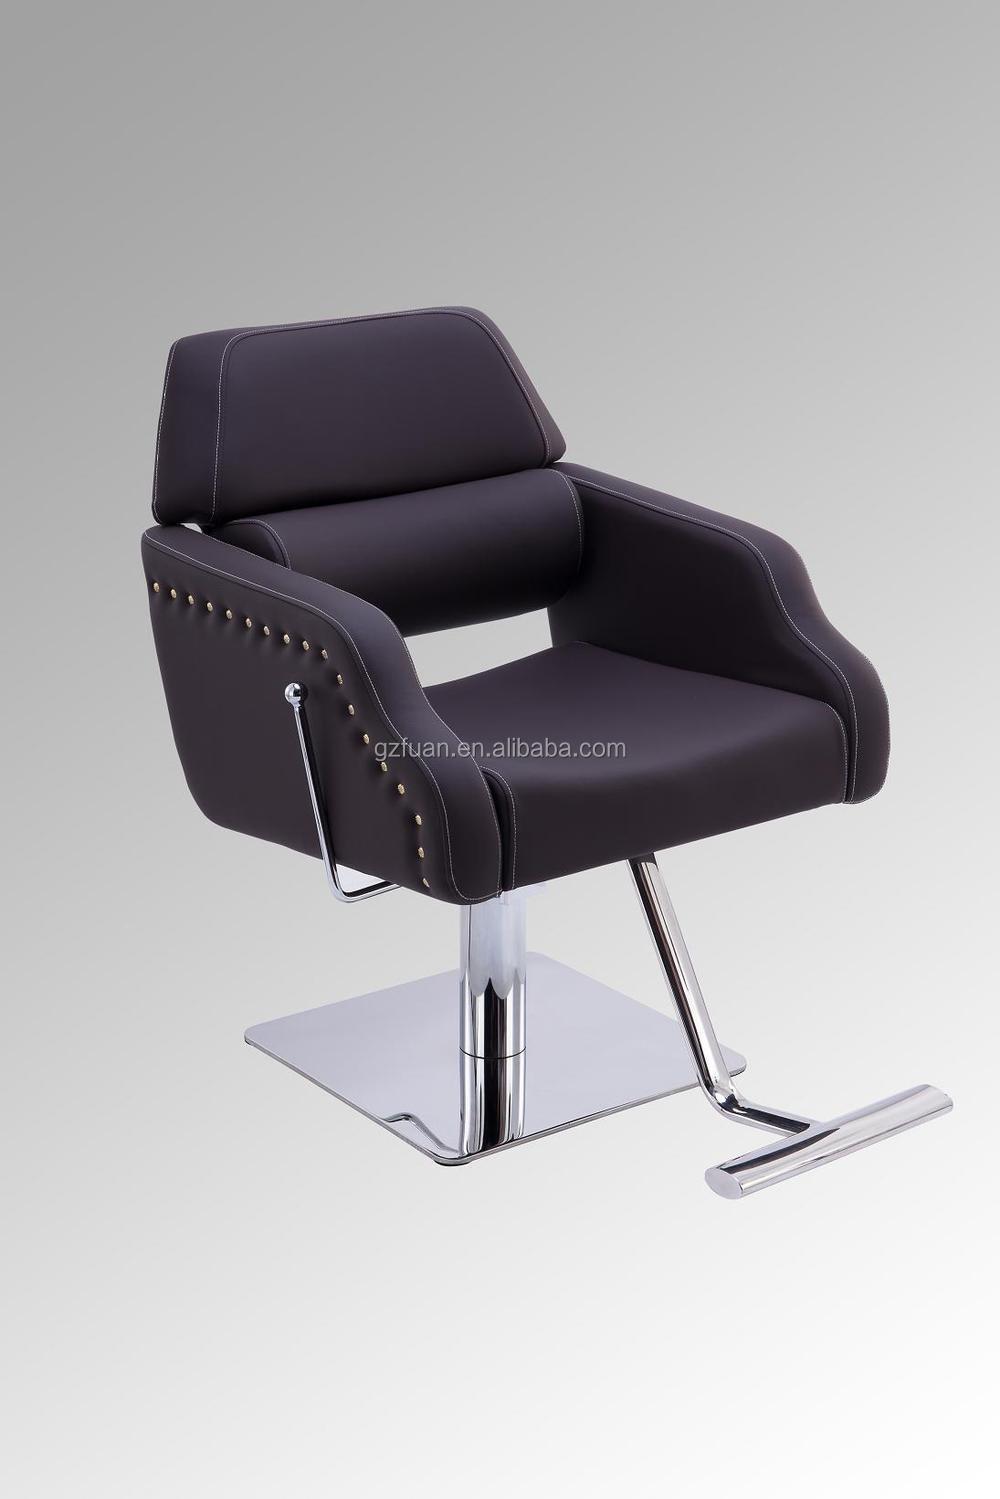 Unique colored salon modern cheap barber chairs for sale for Colored salon chairs